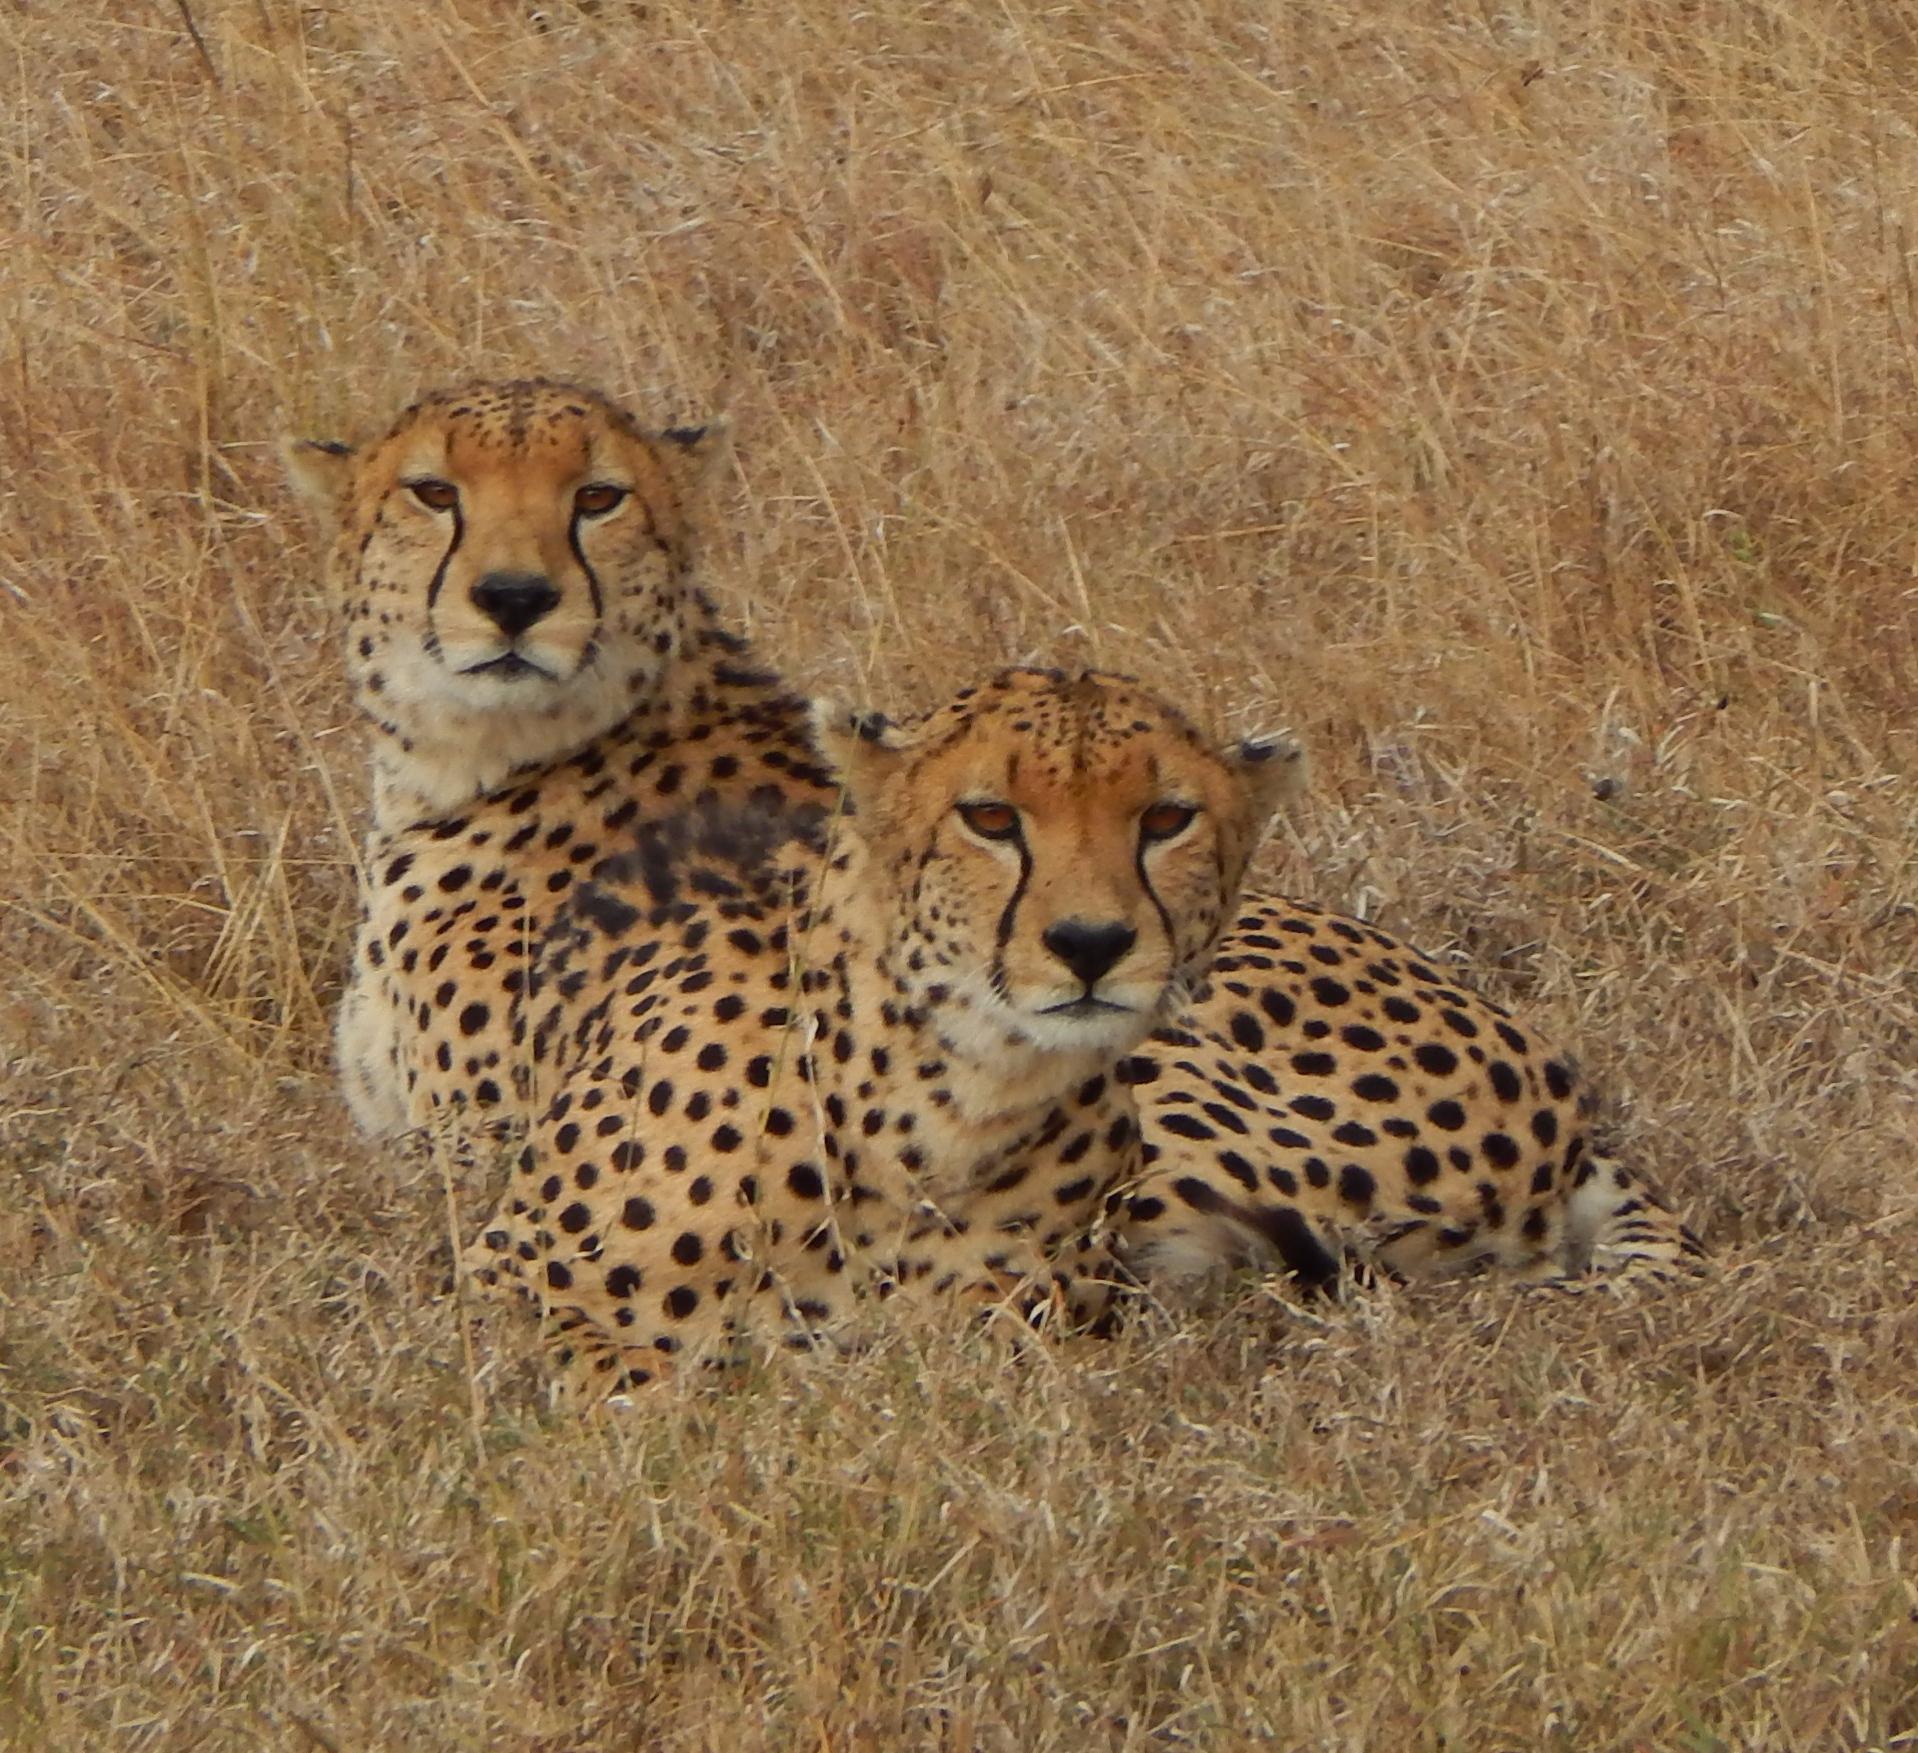 Visit Kenya and Tanzani and see cheetah